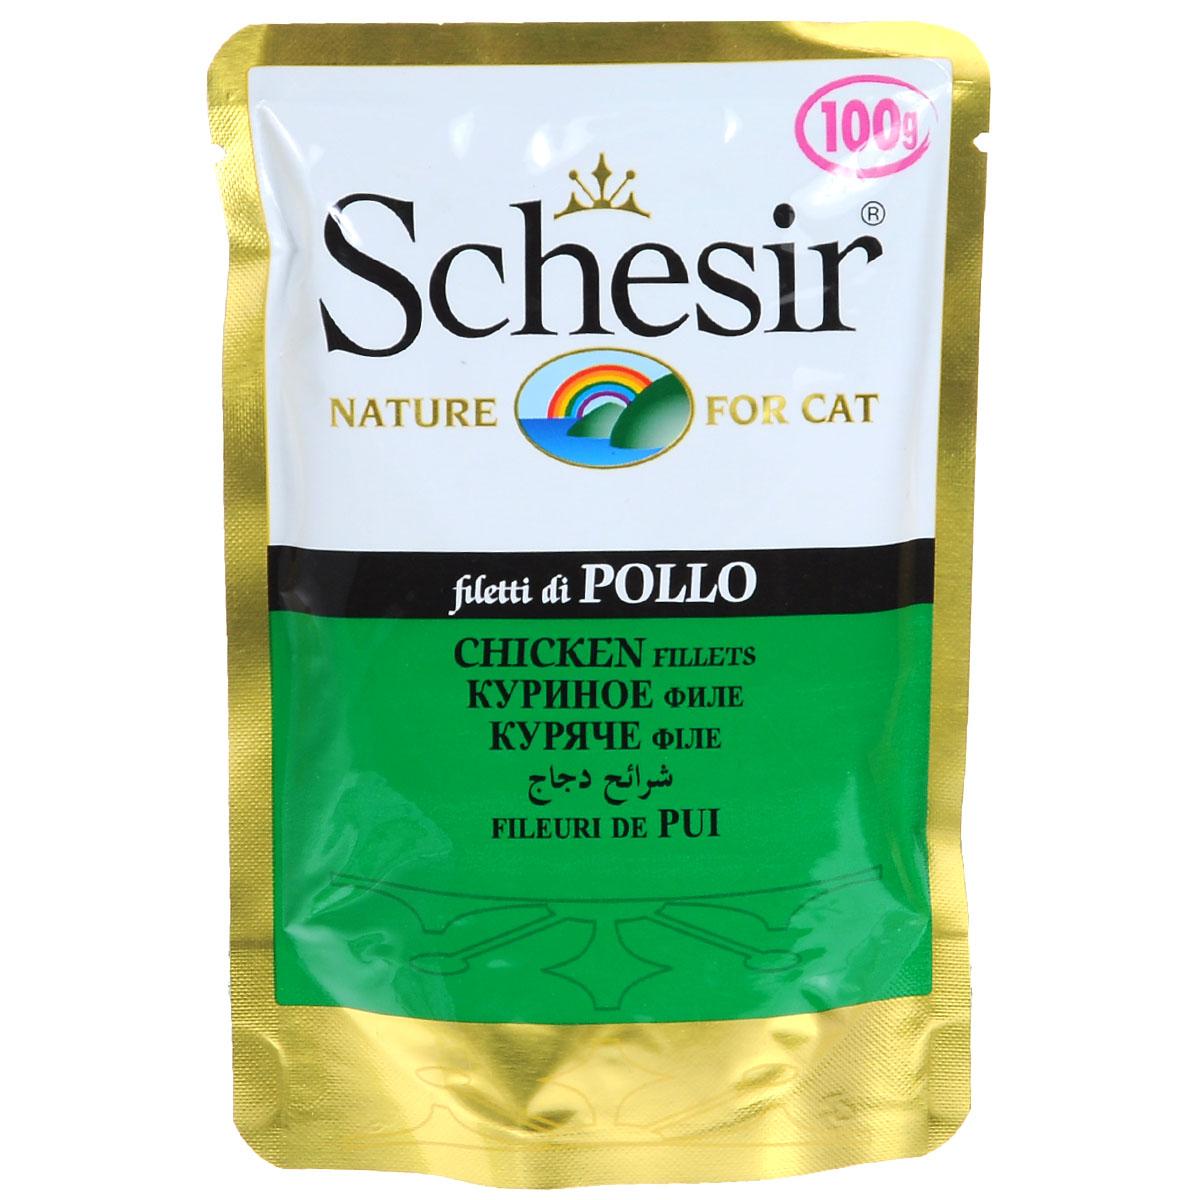 Консервы для кошек Schesir, с куриным филе, 100 г24Повседневный, полностью сбалансированный корм Schesir для кошек, содержит все необходимые питательные вещества, белки, минеральные вещества, витамины, таурин и другие компоненты, необходимые растущему организму. Консервы для кошек Schesir изготовлены из свежего мяса, рыбы, субпродуктов и овощей. Для производства корма Schesir используется отборное натуральное и экологически чистое сырье, без добавления искусственных красителей и консервантов.Состав: куриное филе 62%, овощной желатин 0,8%. Питательные вещества: белок 12%, масла и жиры 0,8%, клетчатка 0,1%, минеральные вещества 1%, влажность 86%.Питательные добавки / кг: витамины: А - 1325МЕ, D3 - 110МЕ, Е - 15мг, таурин 160 мг.Товар сертифицирован.